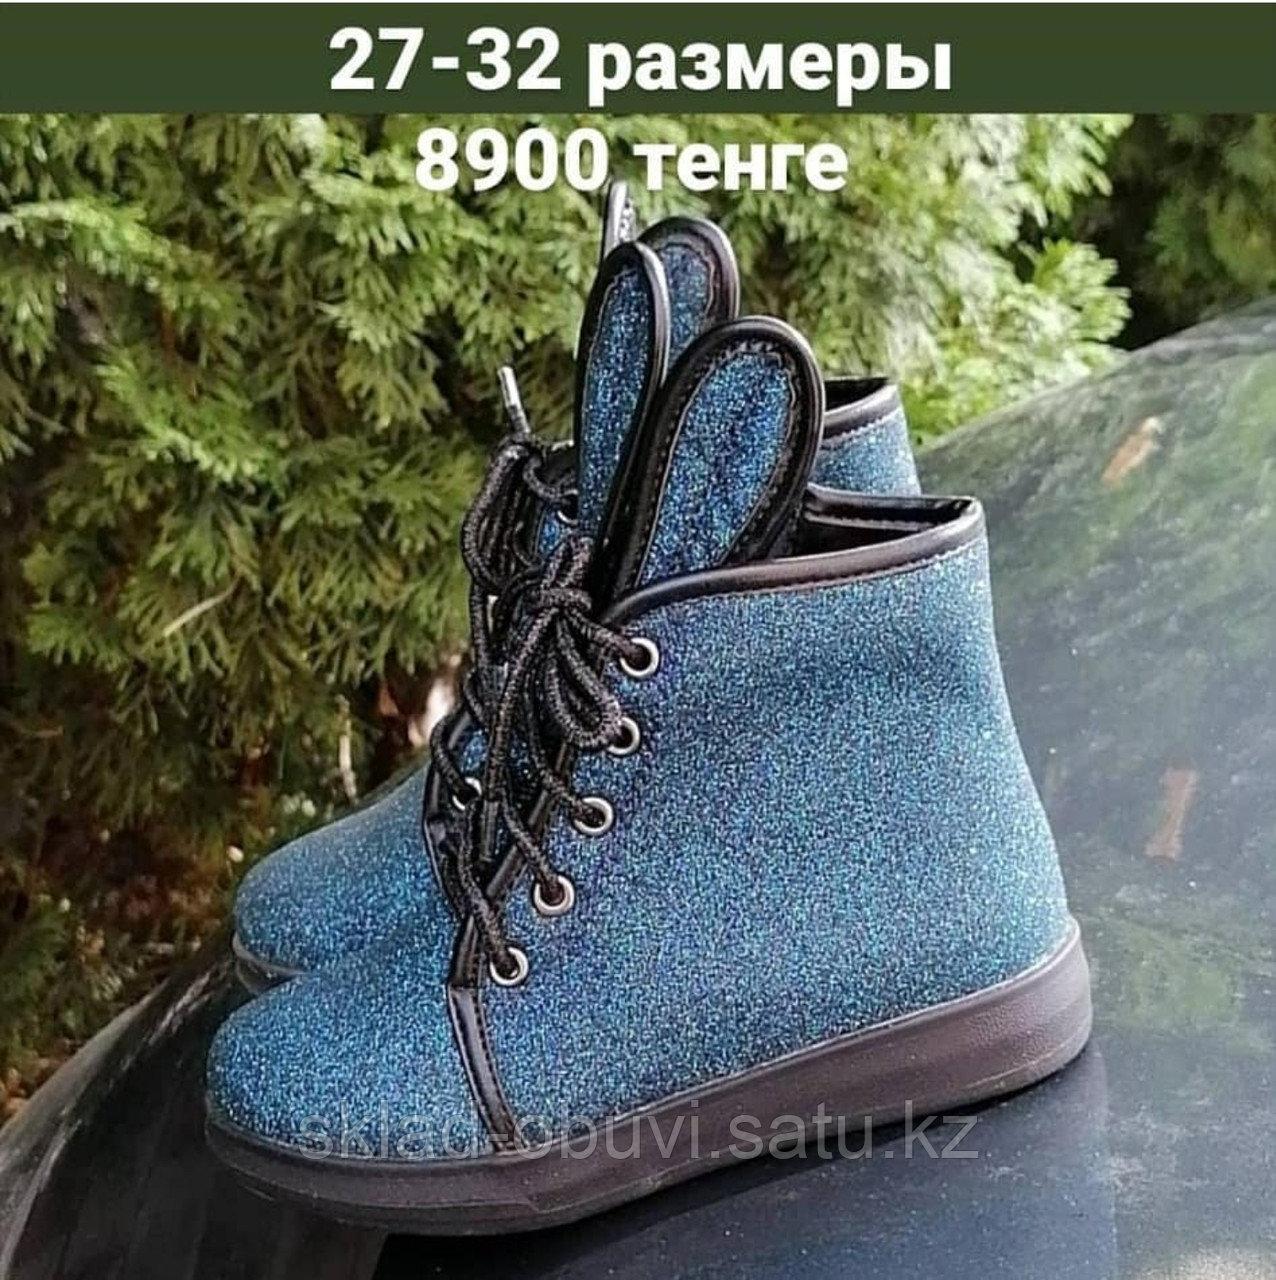 Кожаные детские ботиночки. Распродажа со склада мелким оптом. - фото 8